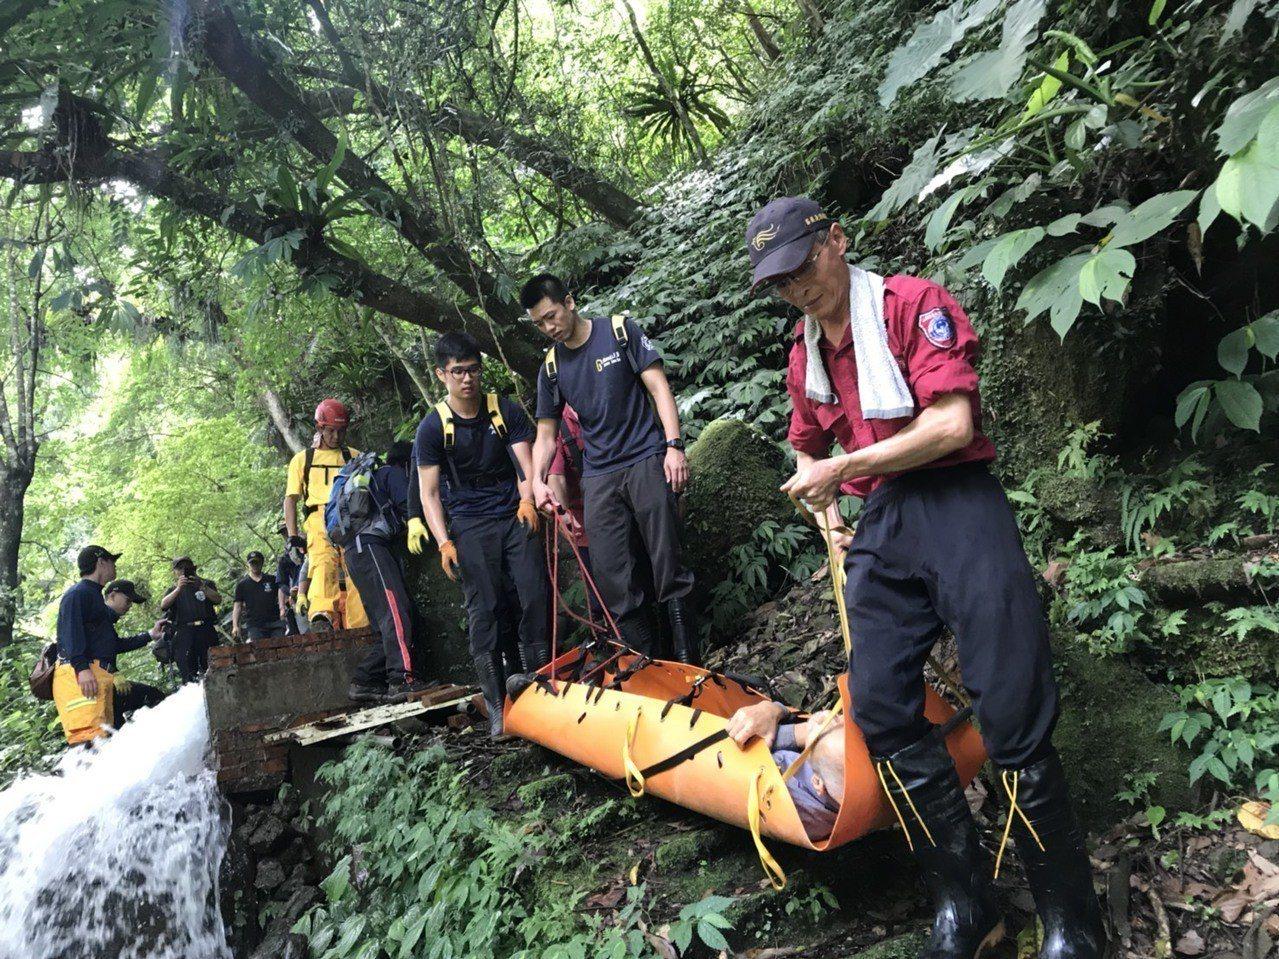 搜救人員今天上午動用器材,將受傷黃姓男子送下山就醫。圖/苗栗縣消防局提供